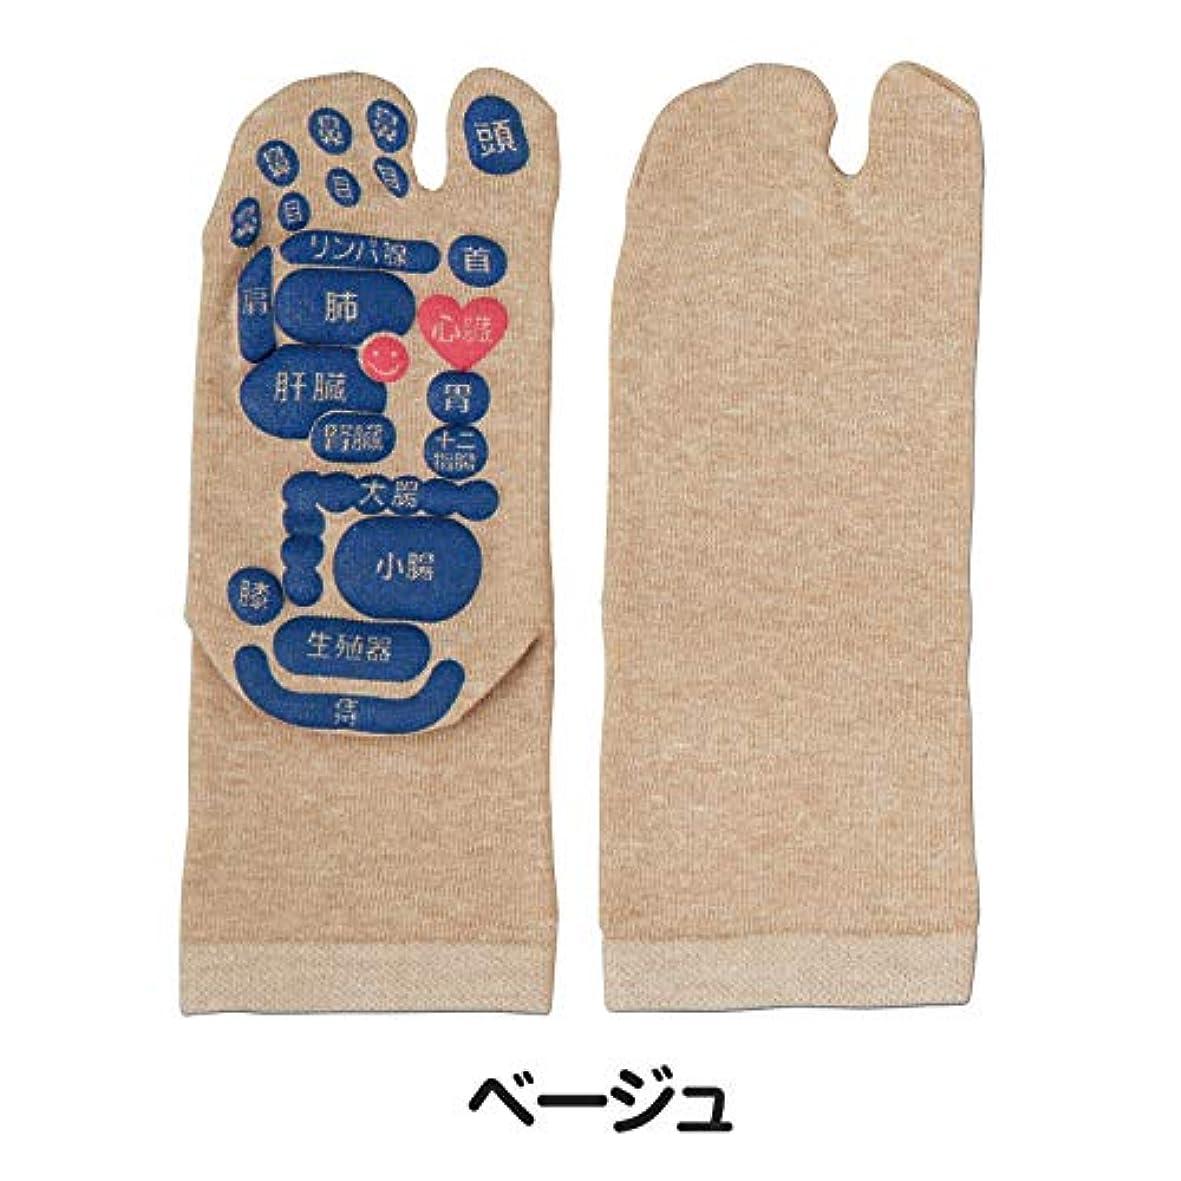 苦しみ一流出つぼマップ 足袋ソックス ベージュ 22-25cm